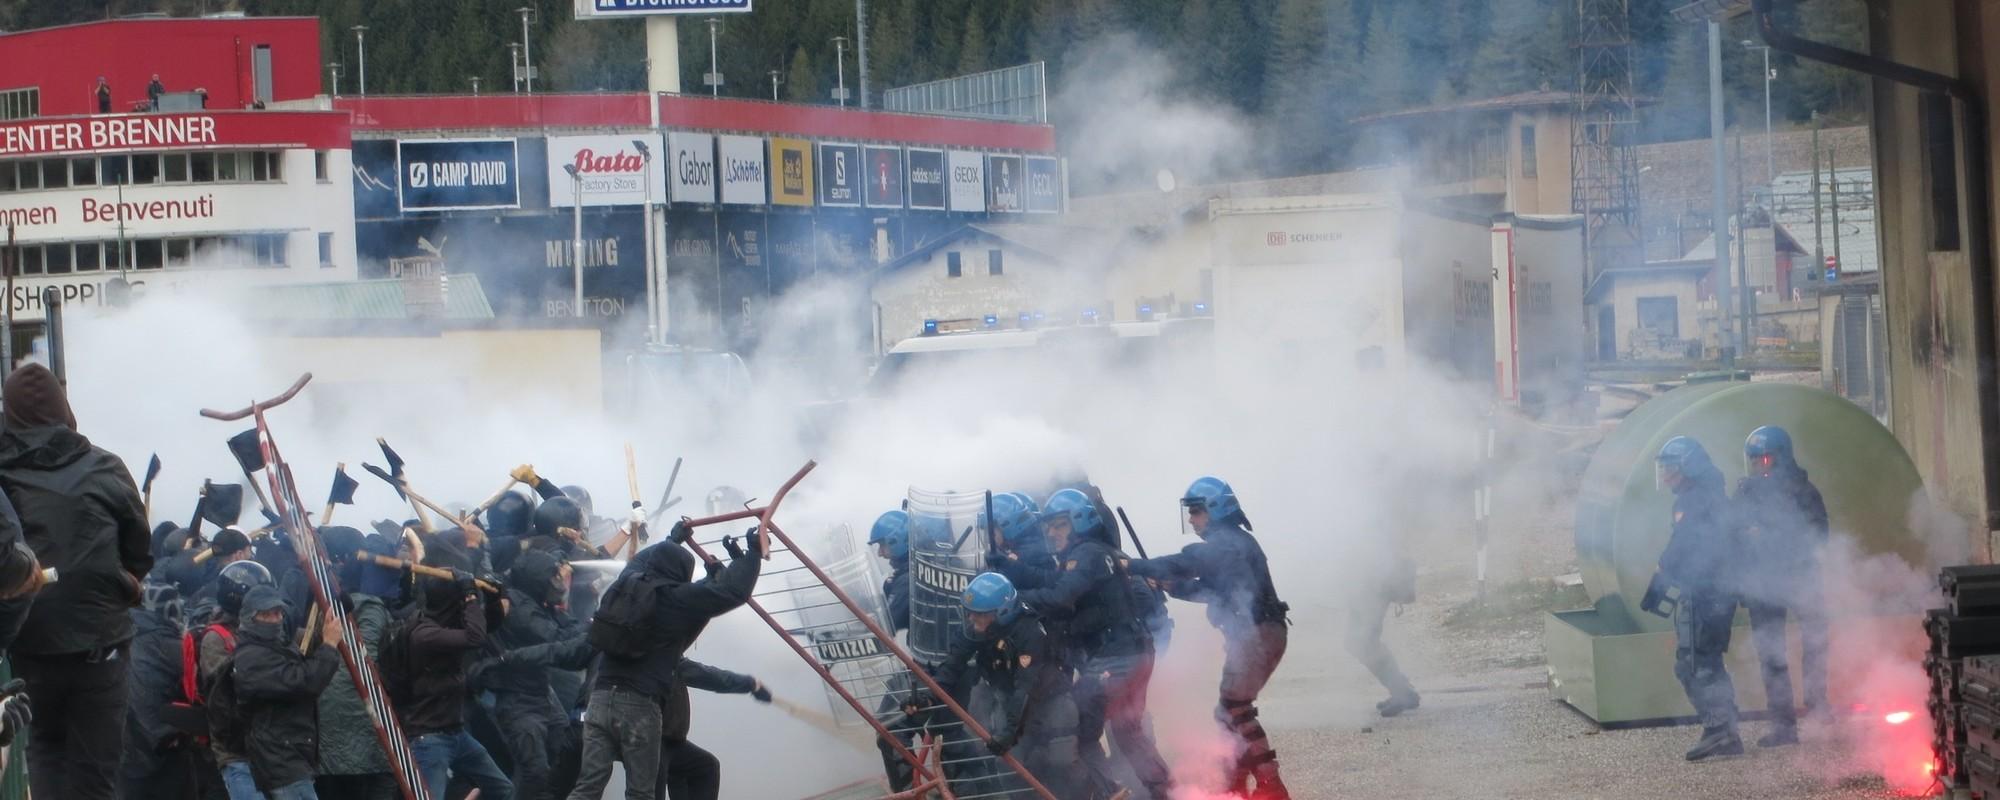 Am Brenner gab es am Samstag massive Kämpfe gegen die Grenzschließung